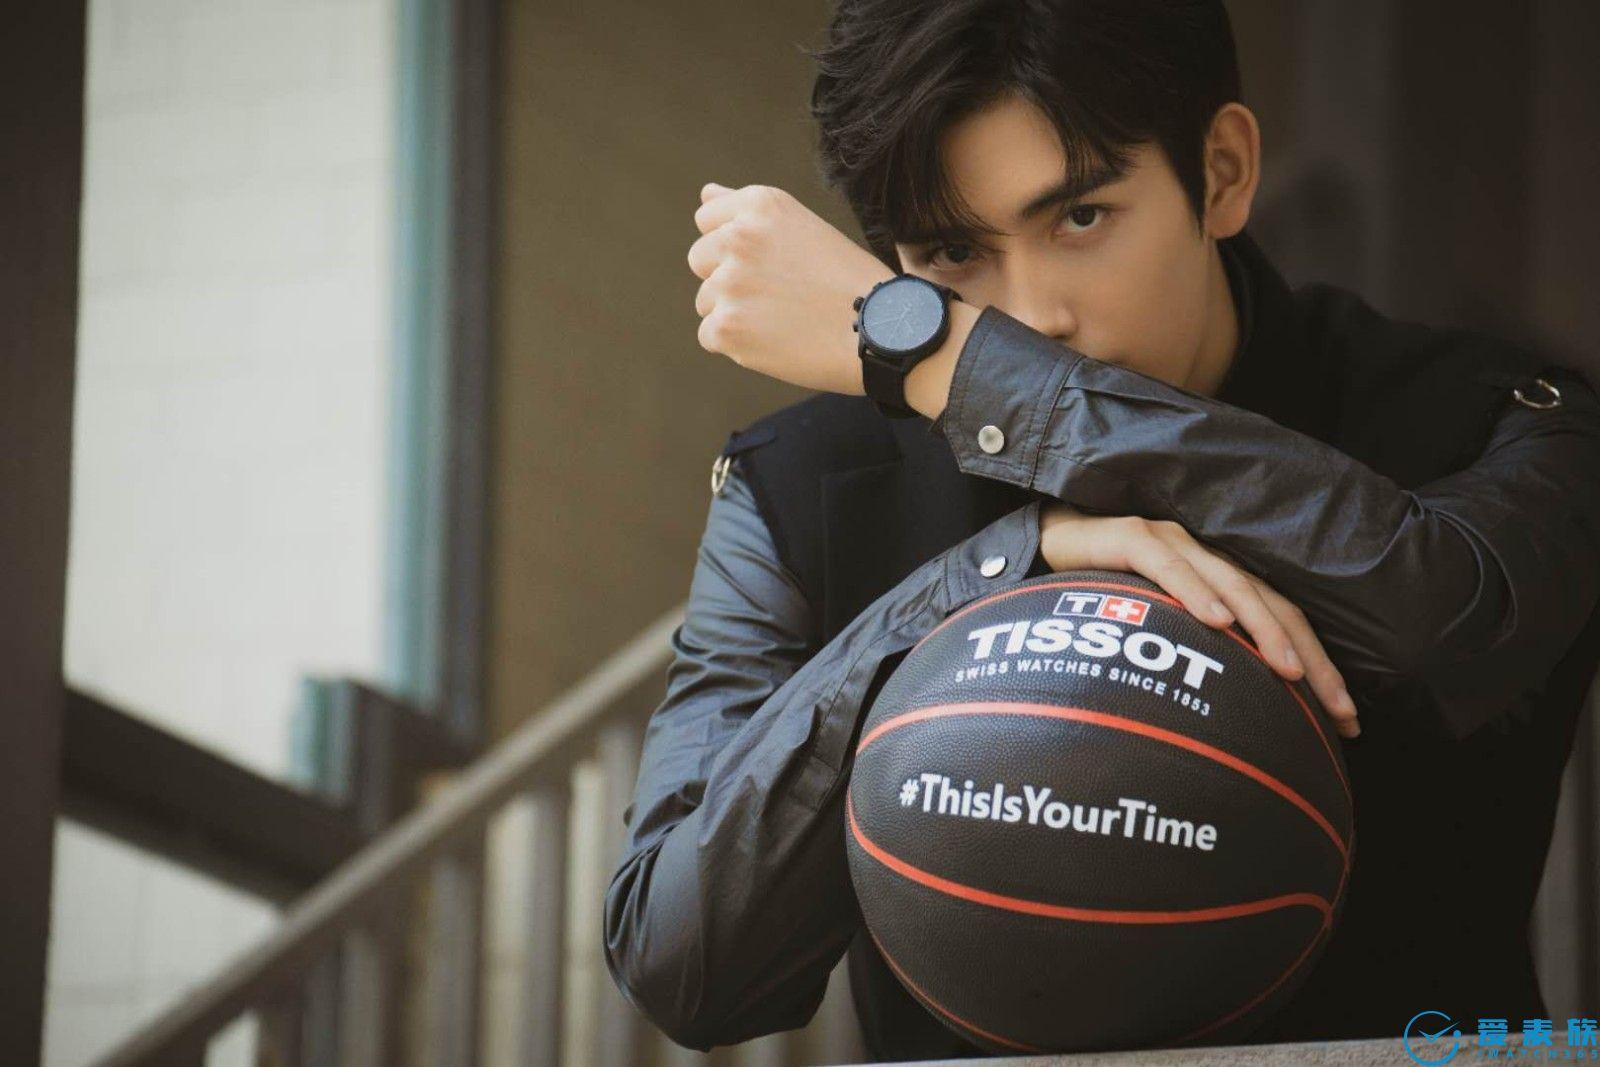 這一刻 放肆新生 TISSOT天梭表全球形象代言人陳飛宇詮釋運動時尚